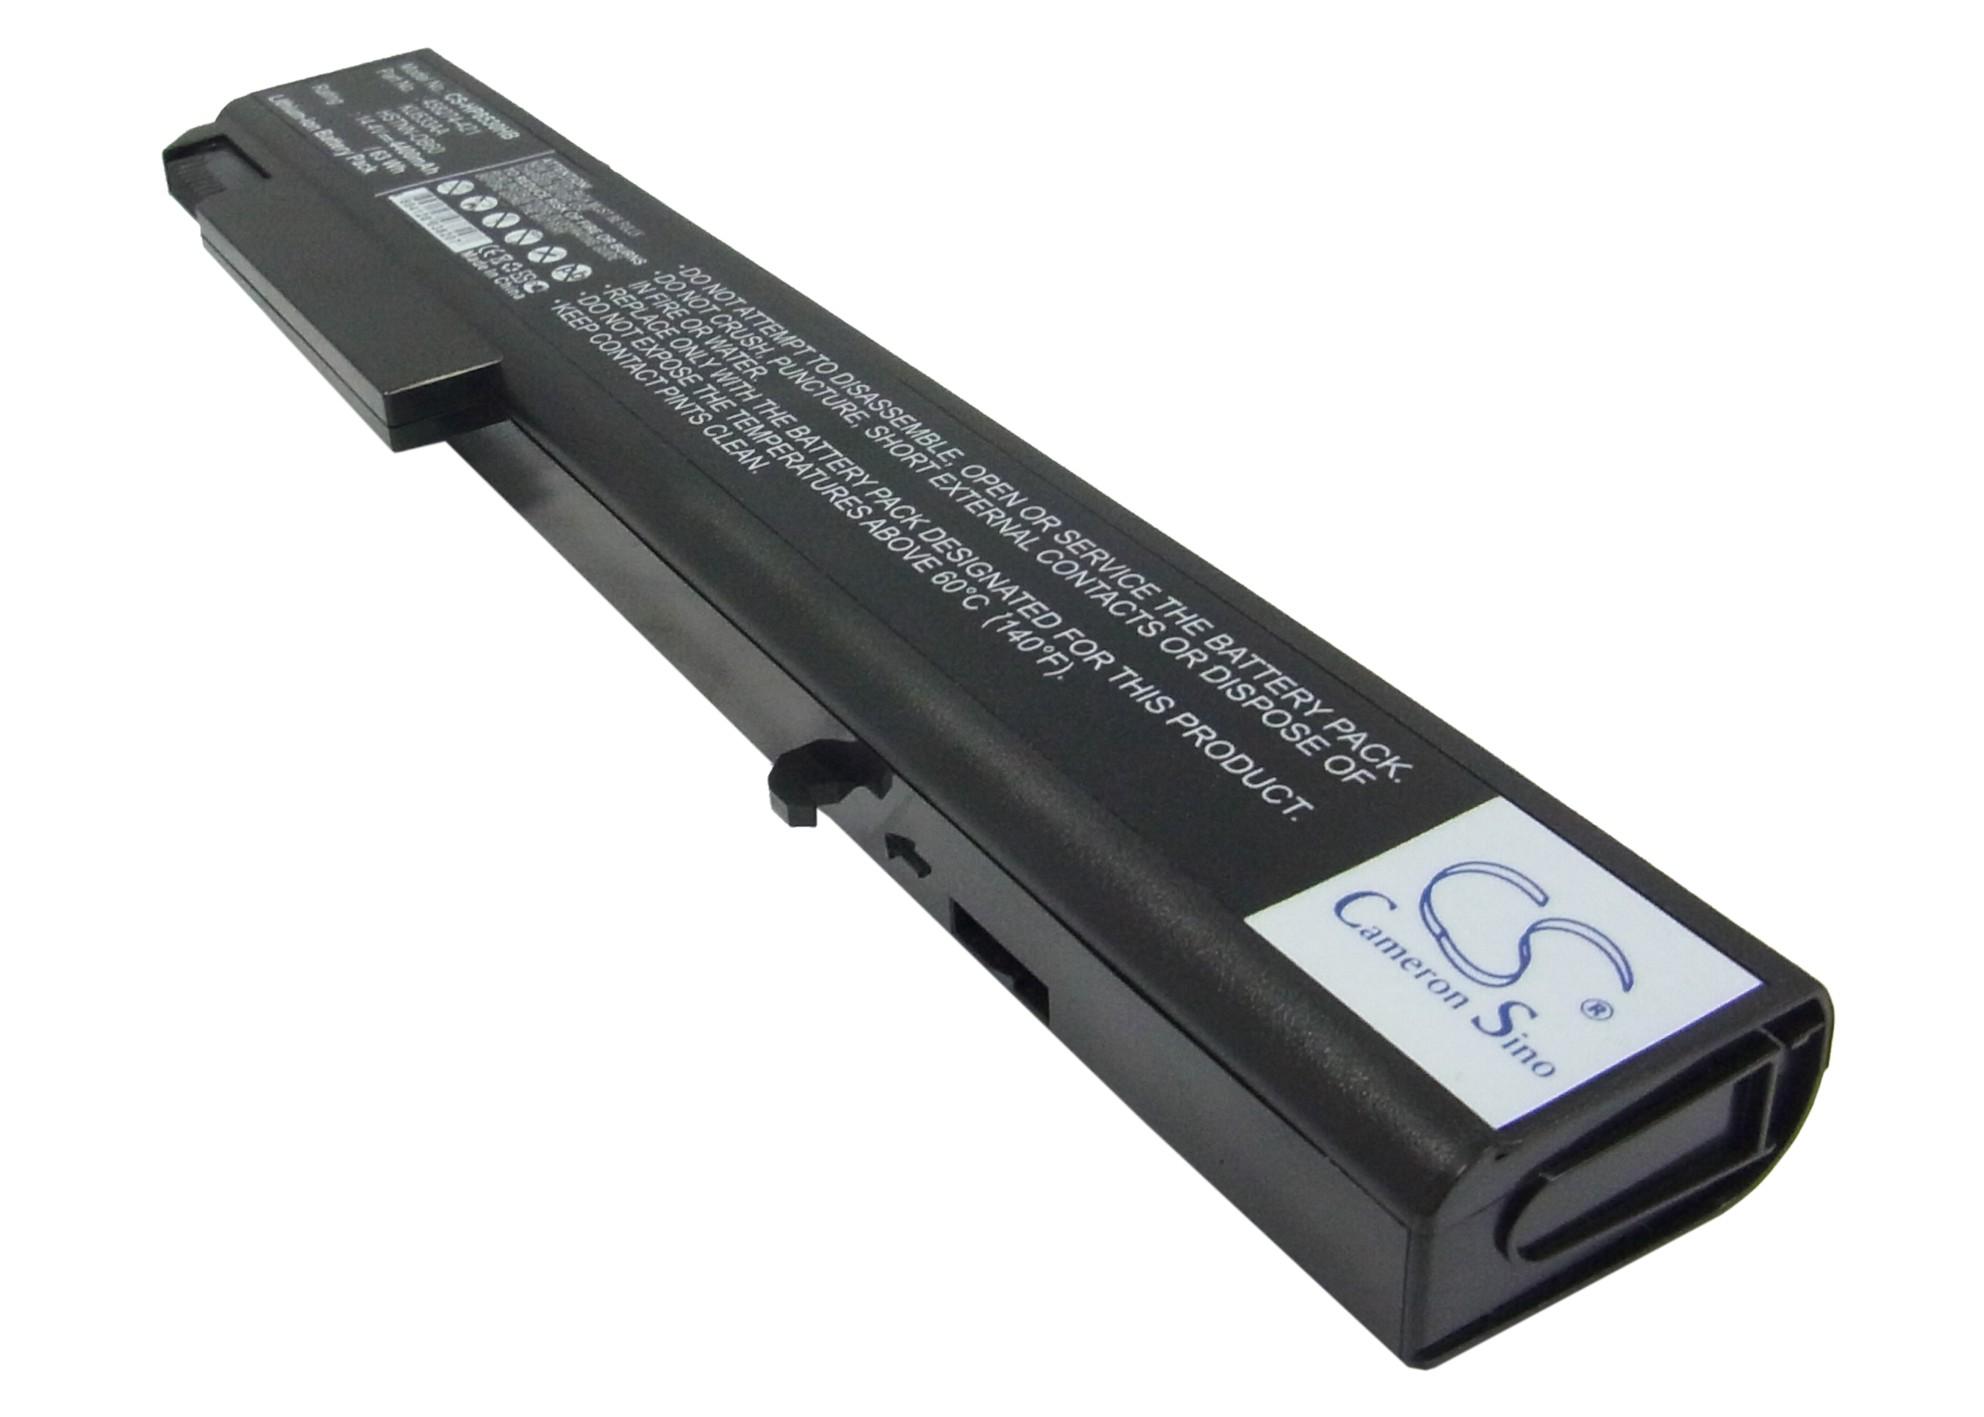 Cameron Sino baterie do notebooků pro HP EliteBook 8740w 14.4V Li-ion 4400mAh černá - neoriginální